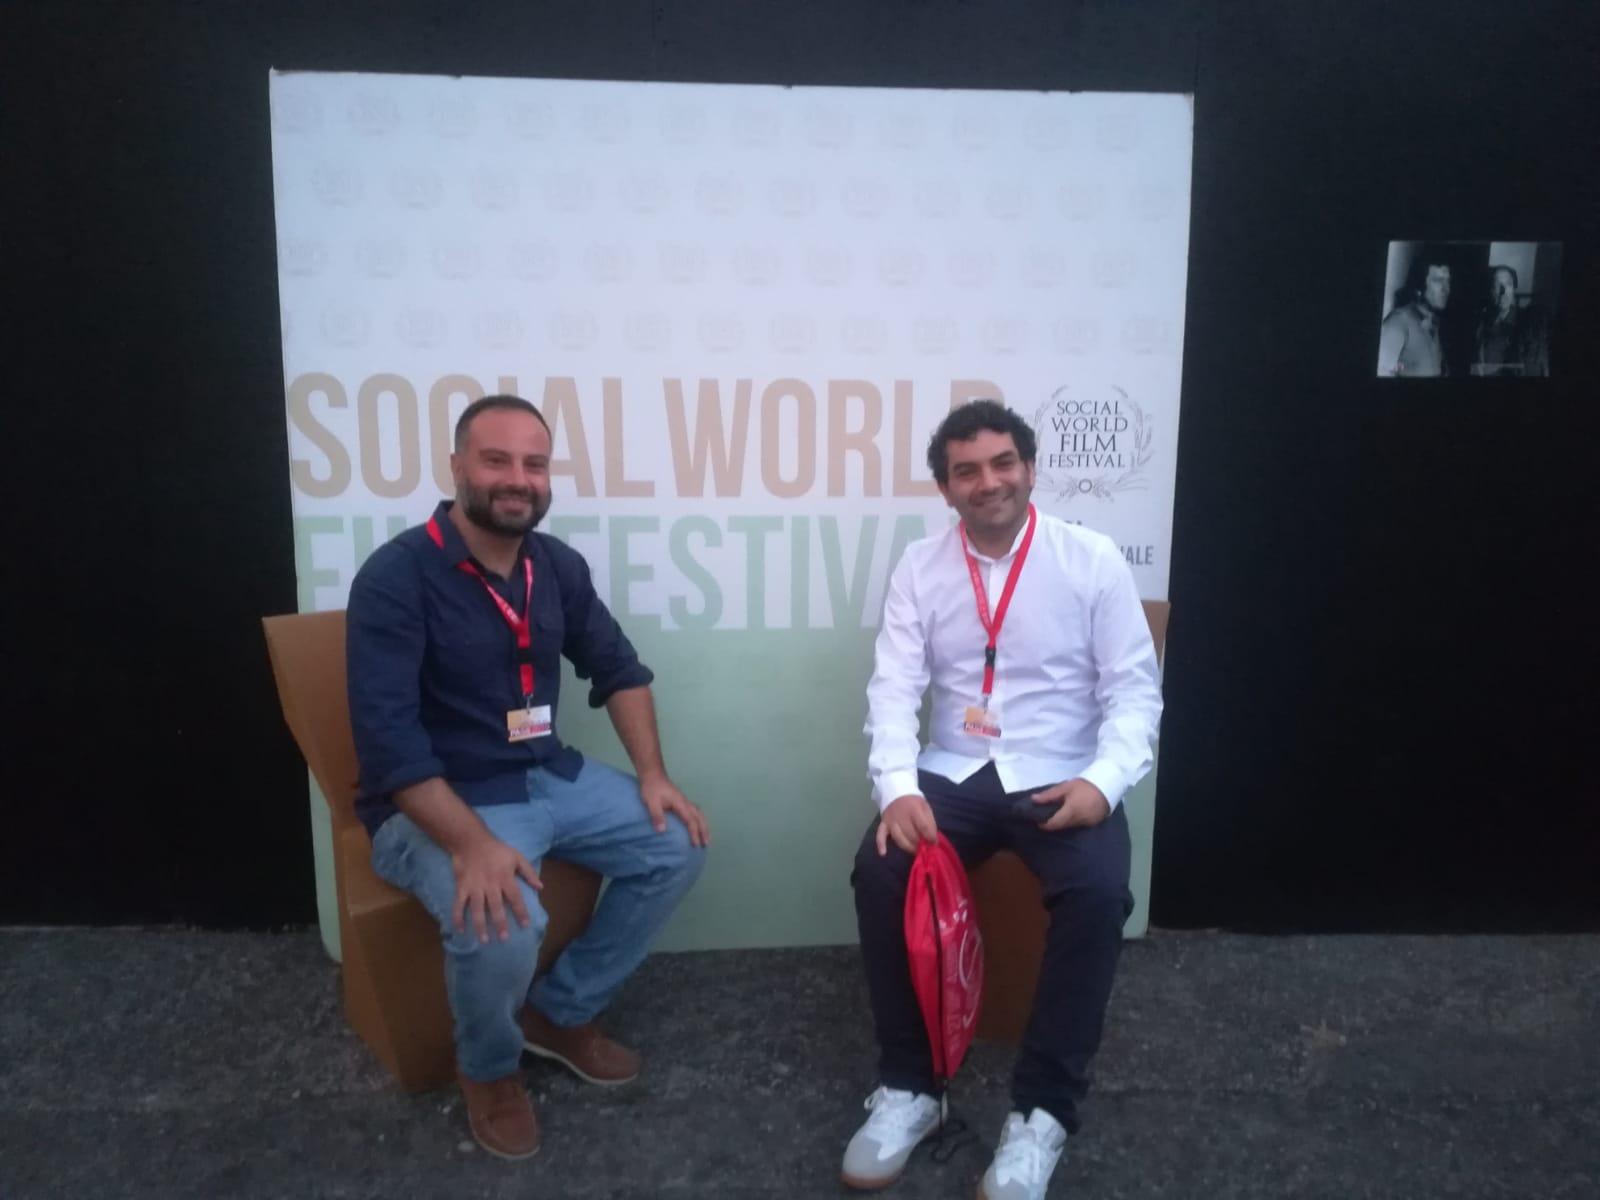 """#Swff2019, BELLAFRONTE di Andrea Valentino e Rosario D'Angelo miglior corto nella sezione """"Focus"""" del Social World Film Festival 2019"""